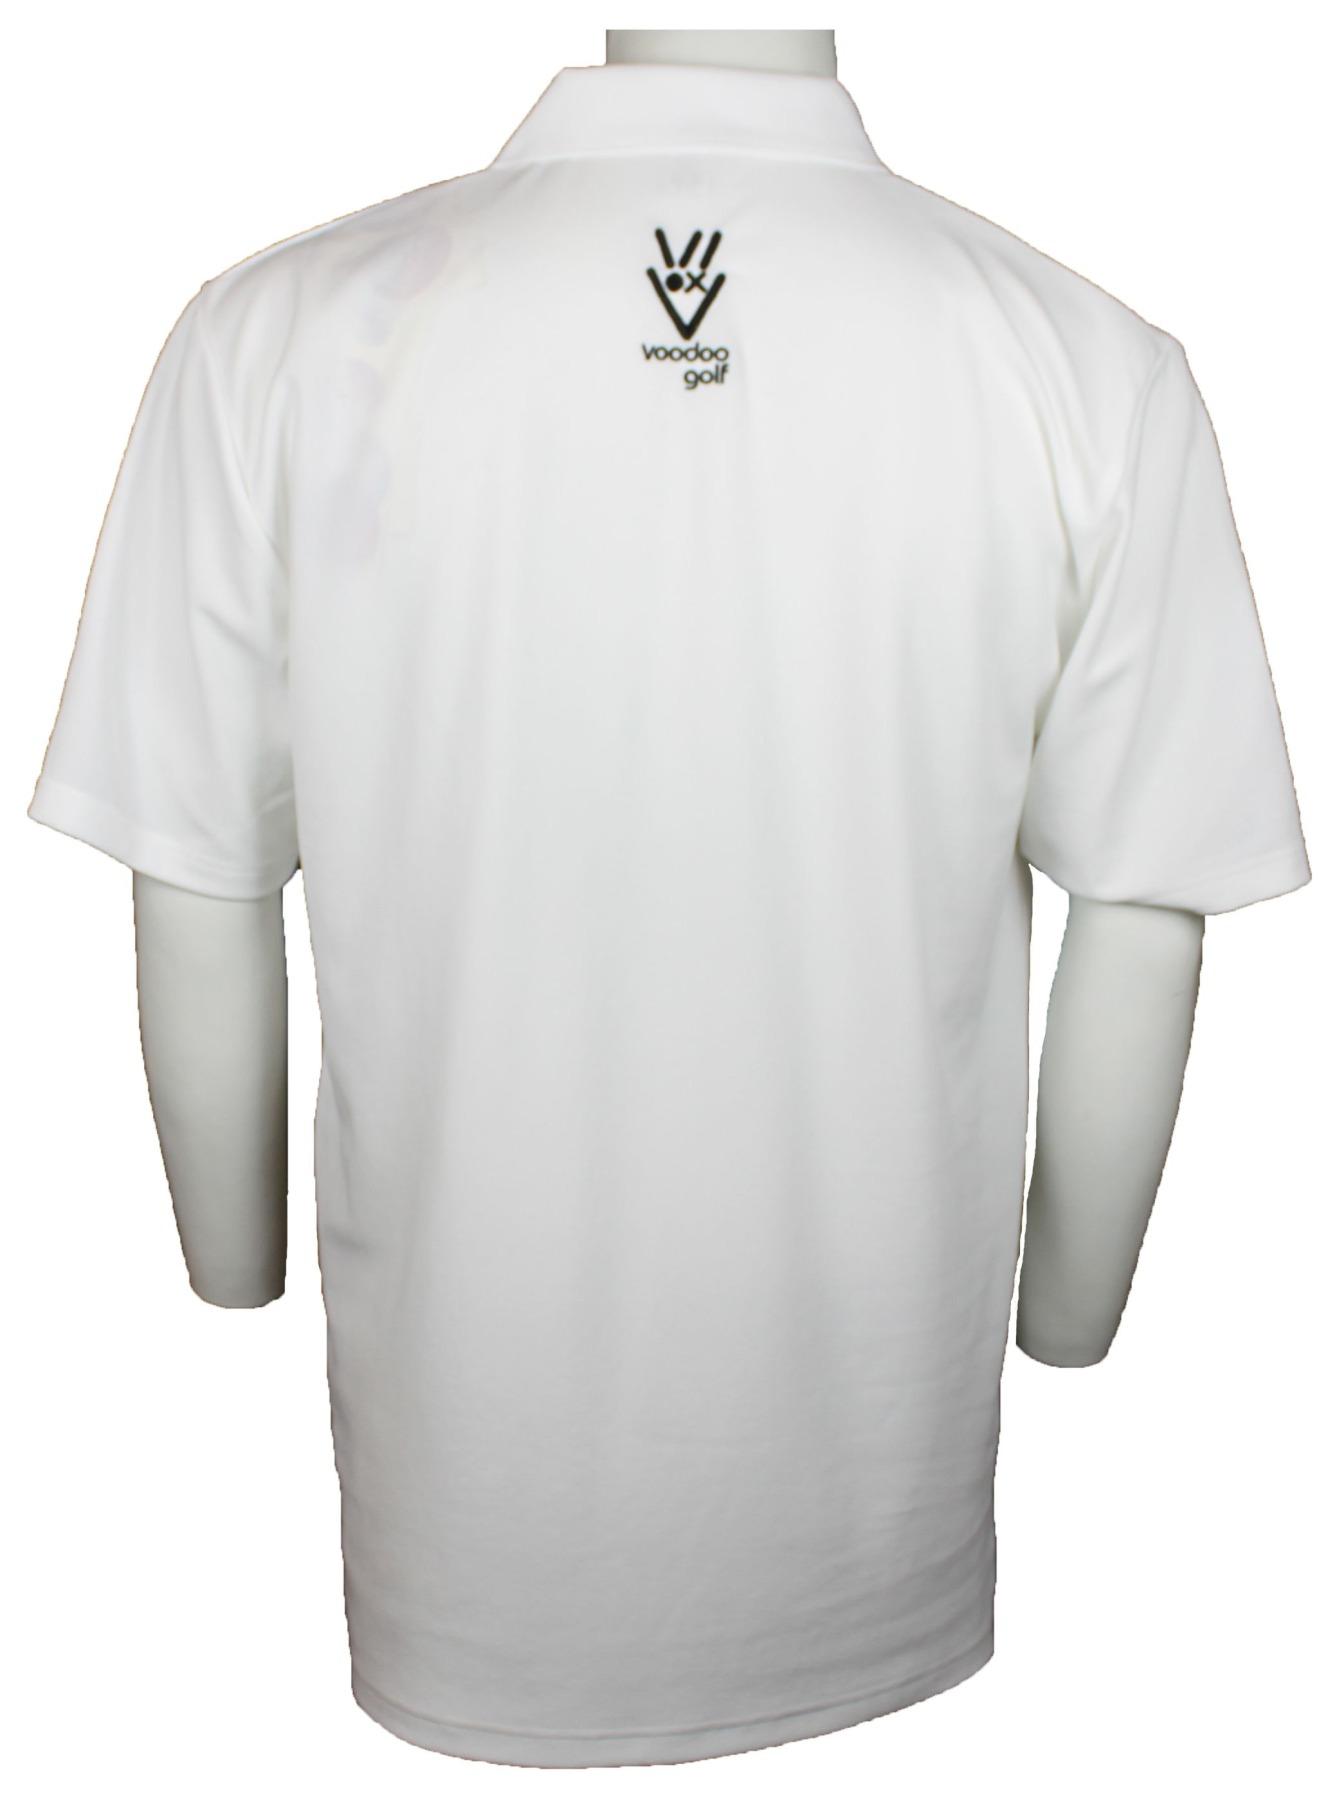 Voodoo Golf Shirt Weiss